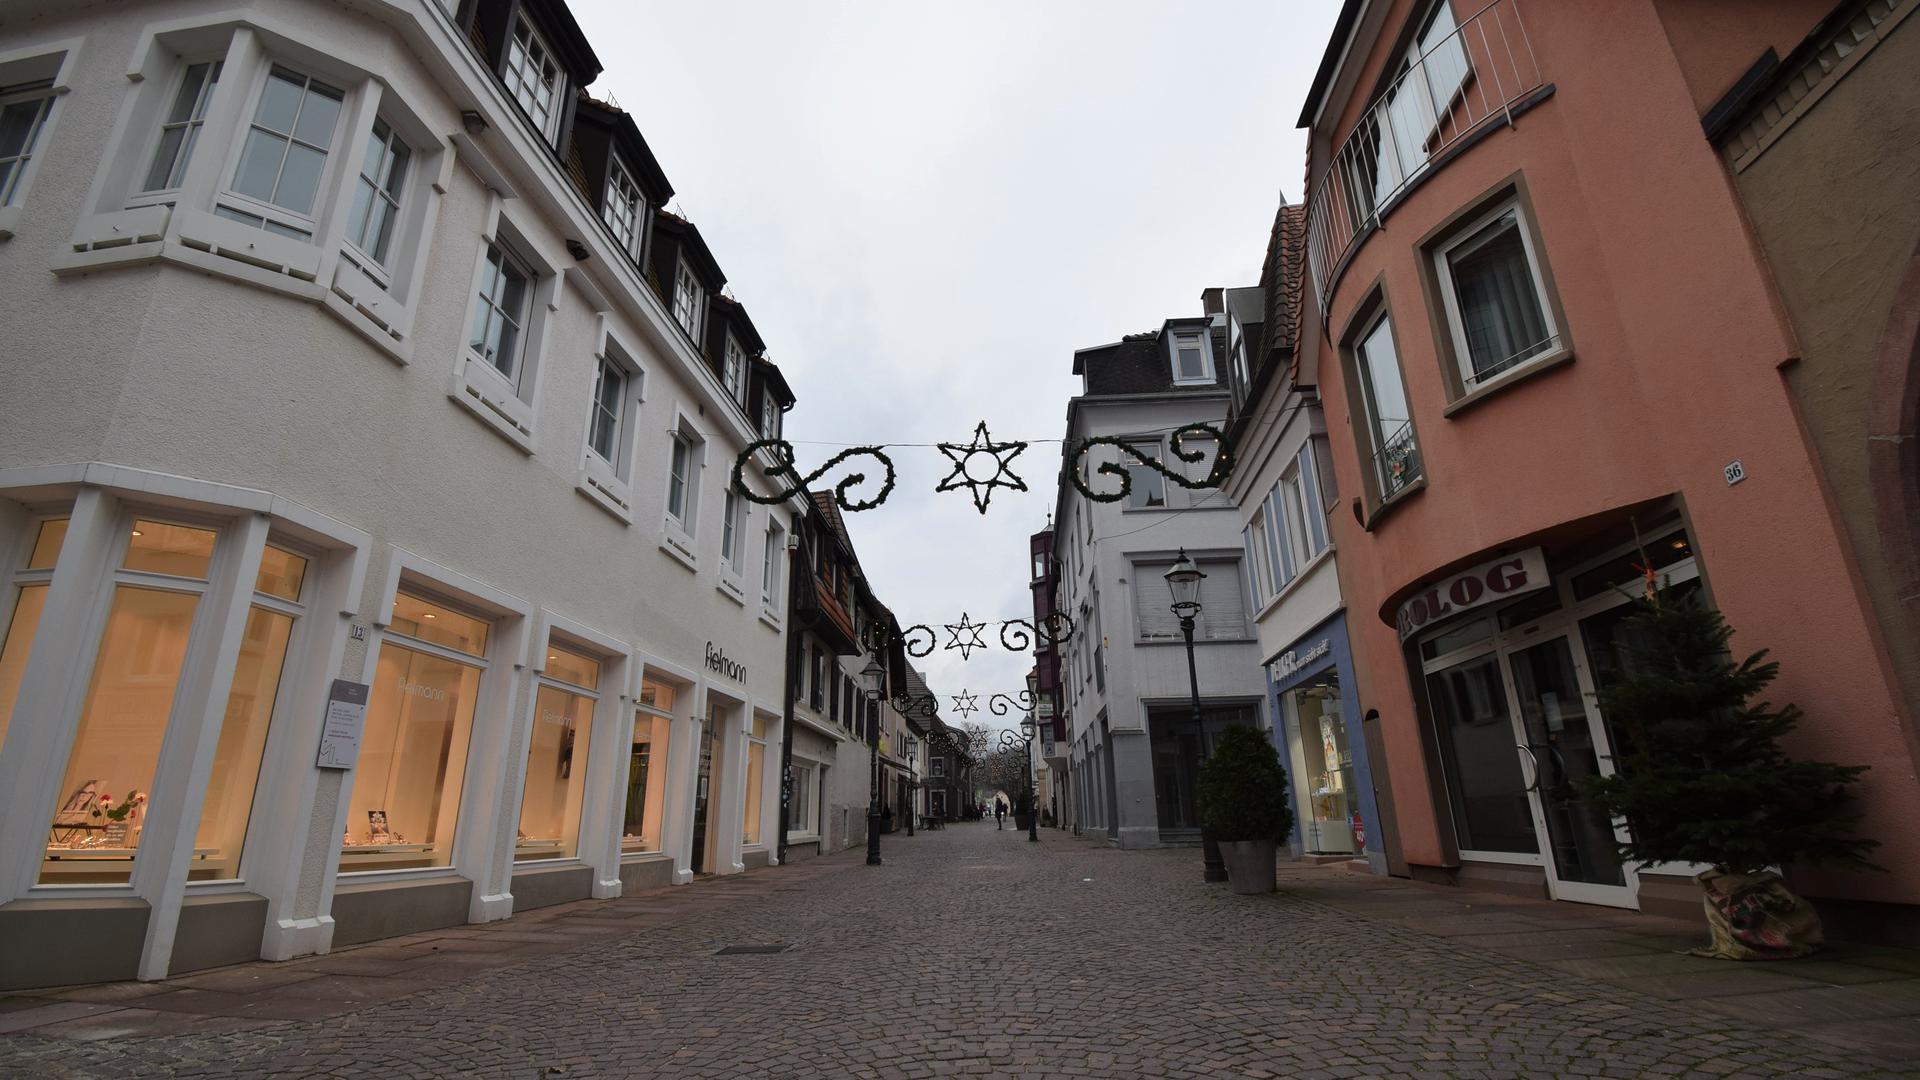 Wie leergefegt: Die Ettlinger Leopoldstraße am zweiten Samstag nach Weihnachten.